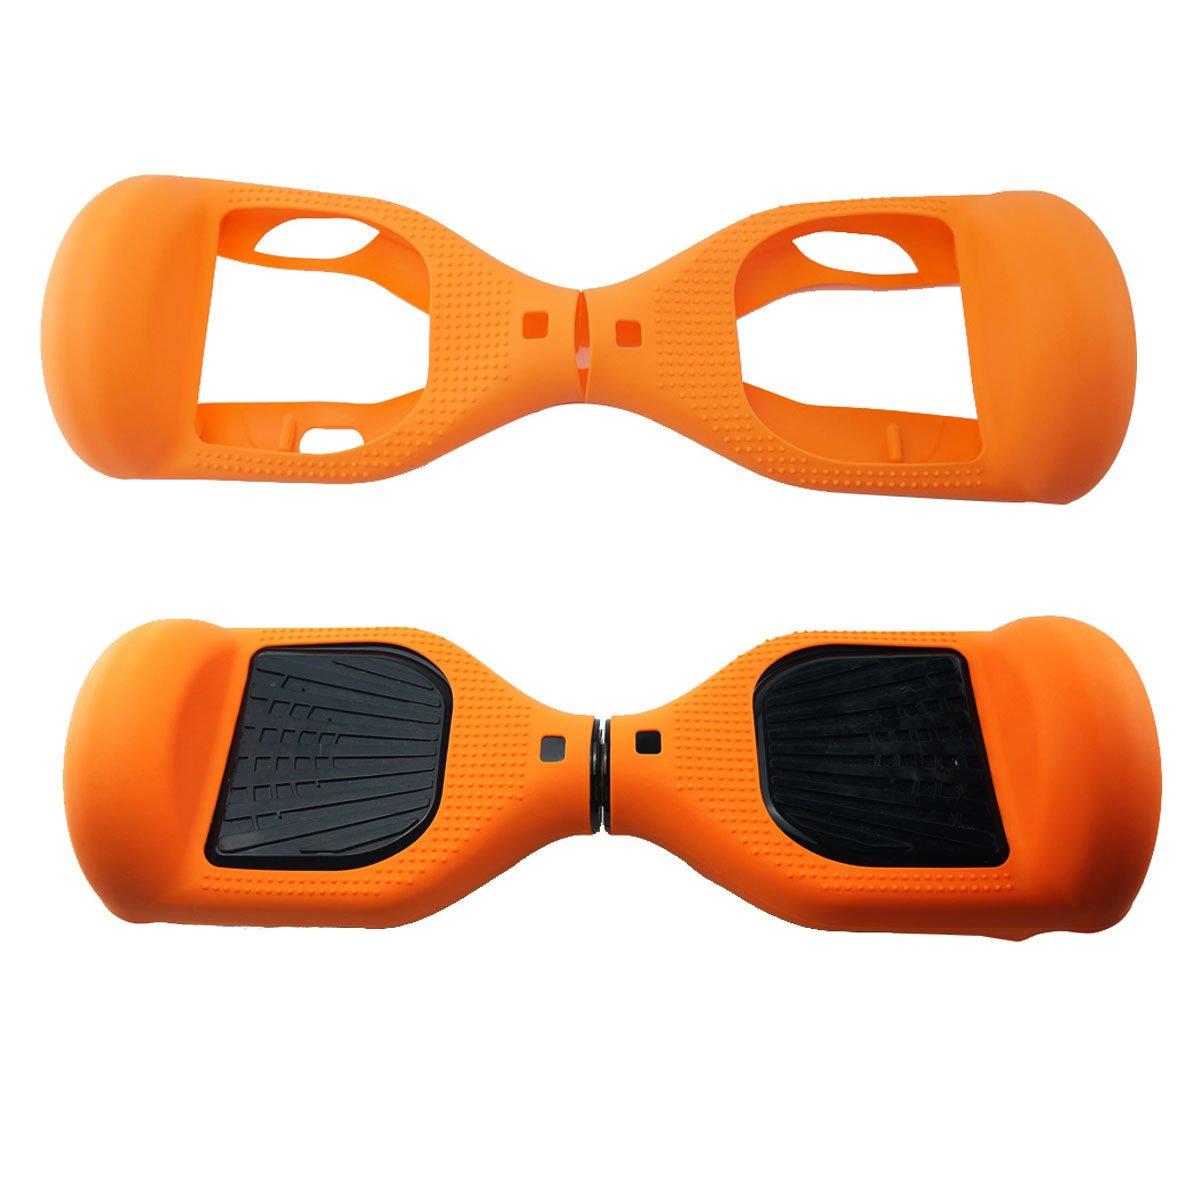 Fbsport 16,5 cm Coque en Silicone Coque de Protection pour Coque Smart Deux Roues Self Balancing Electric Scooter - Planche d'équilibre écran Accessoires